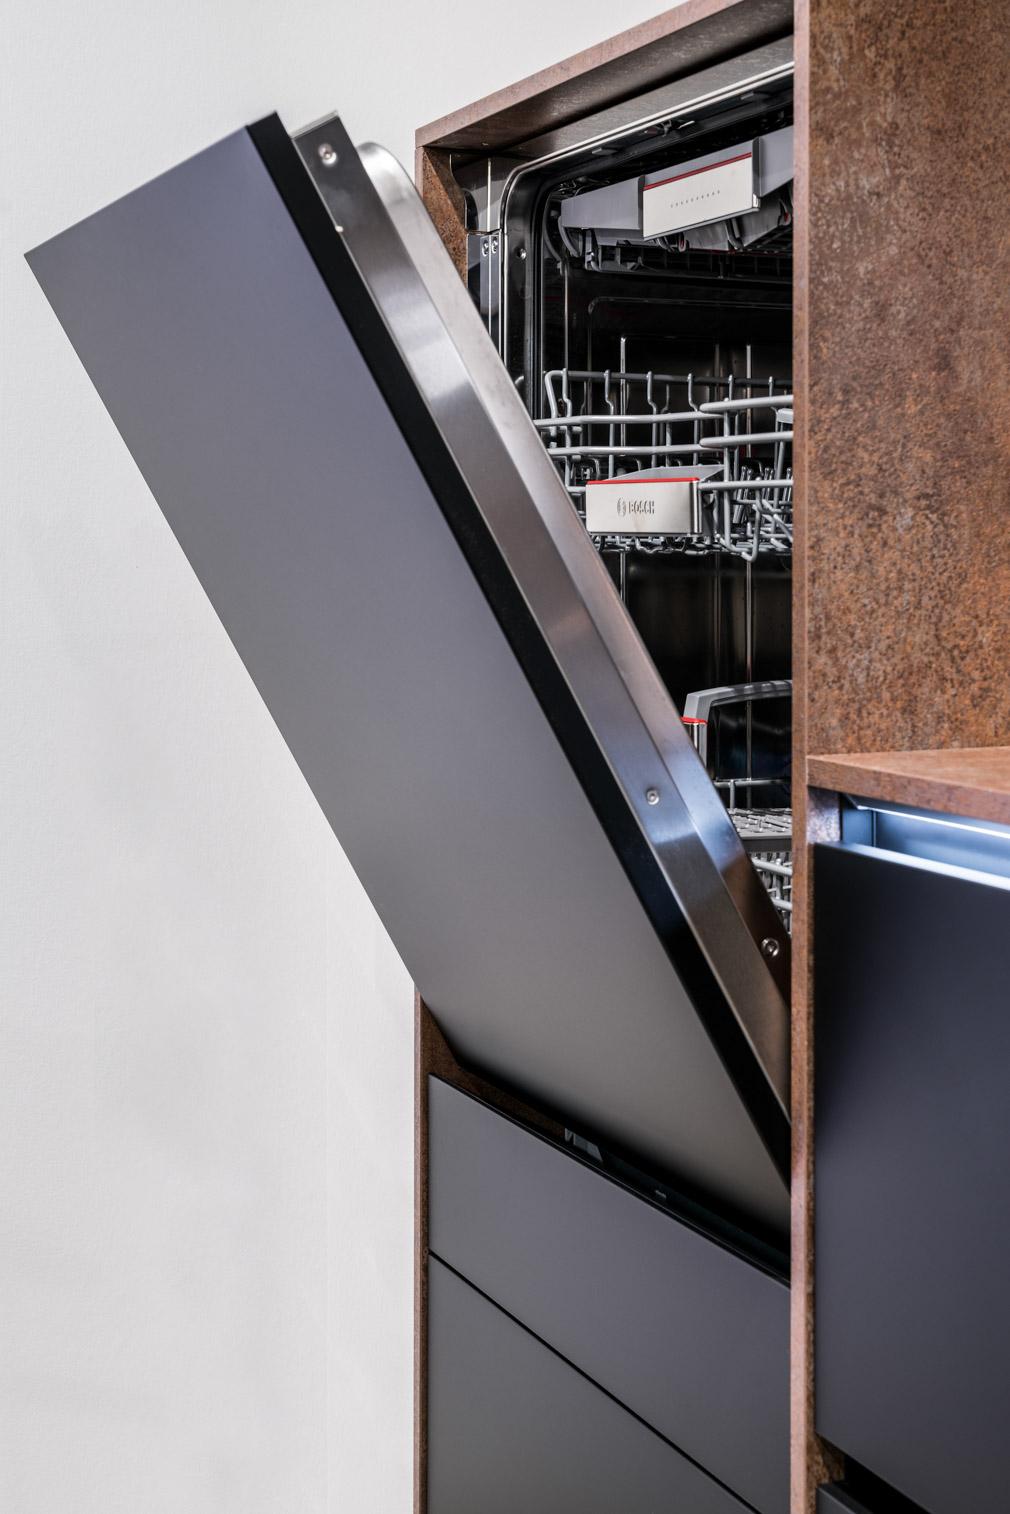 Weisser Küchenstudio Showroom Spülmaschine